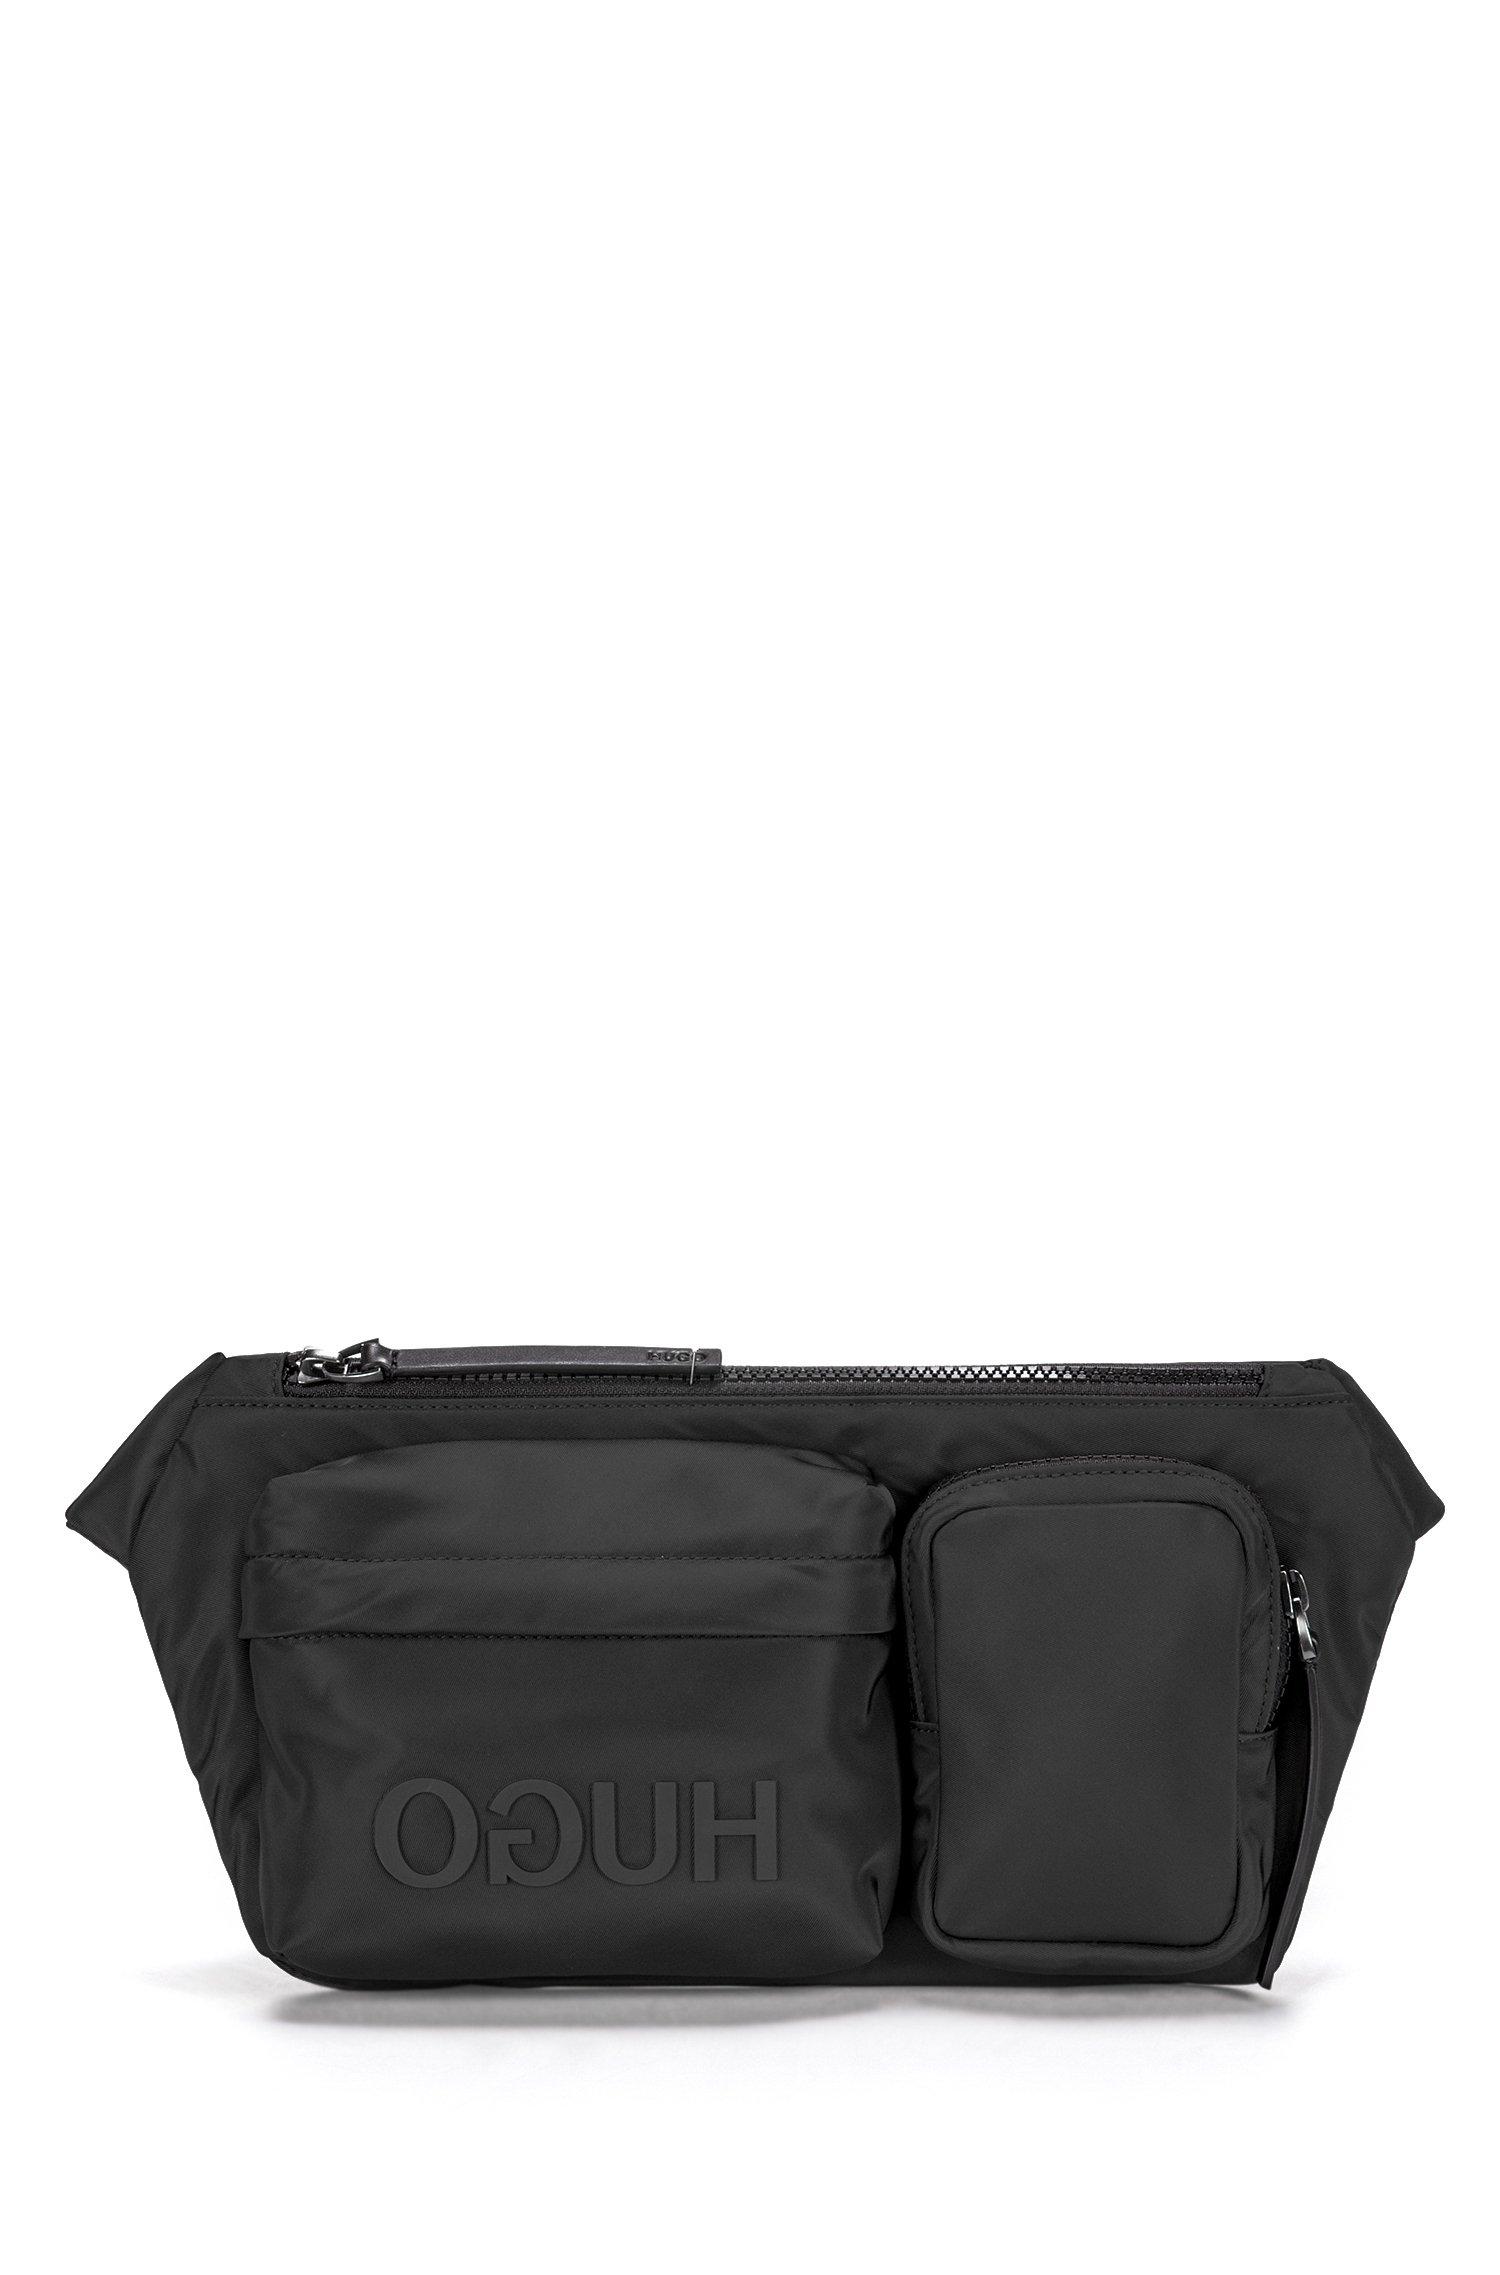 Reverse-logo multi-pocket belt bag in nylon gabardine, Black